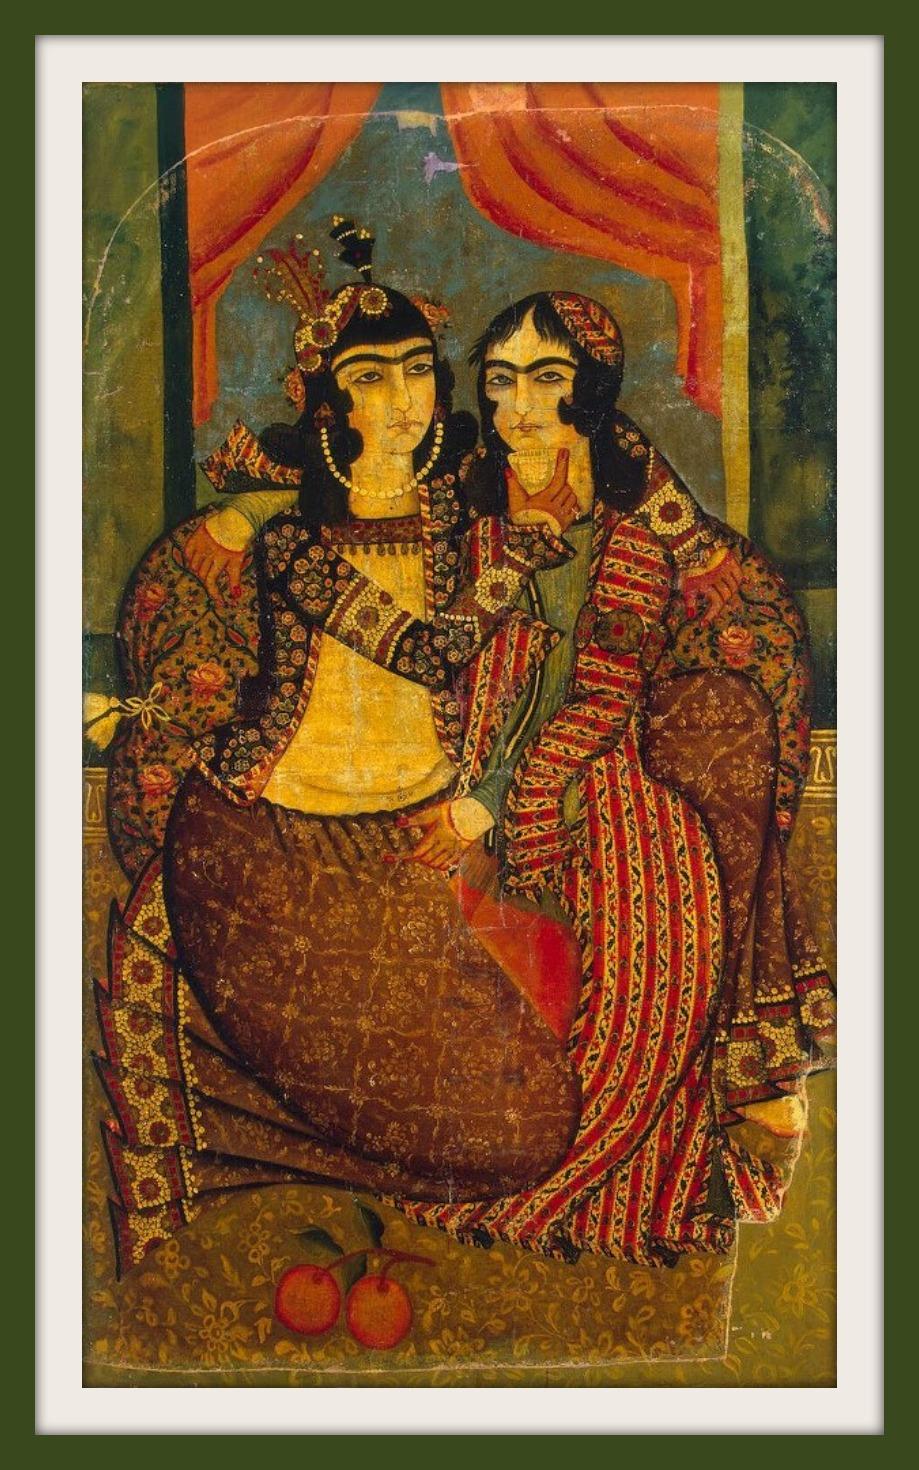 نقاشی قاجاری